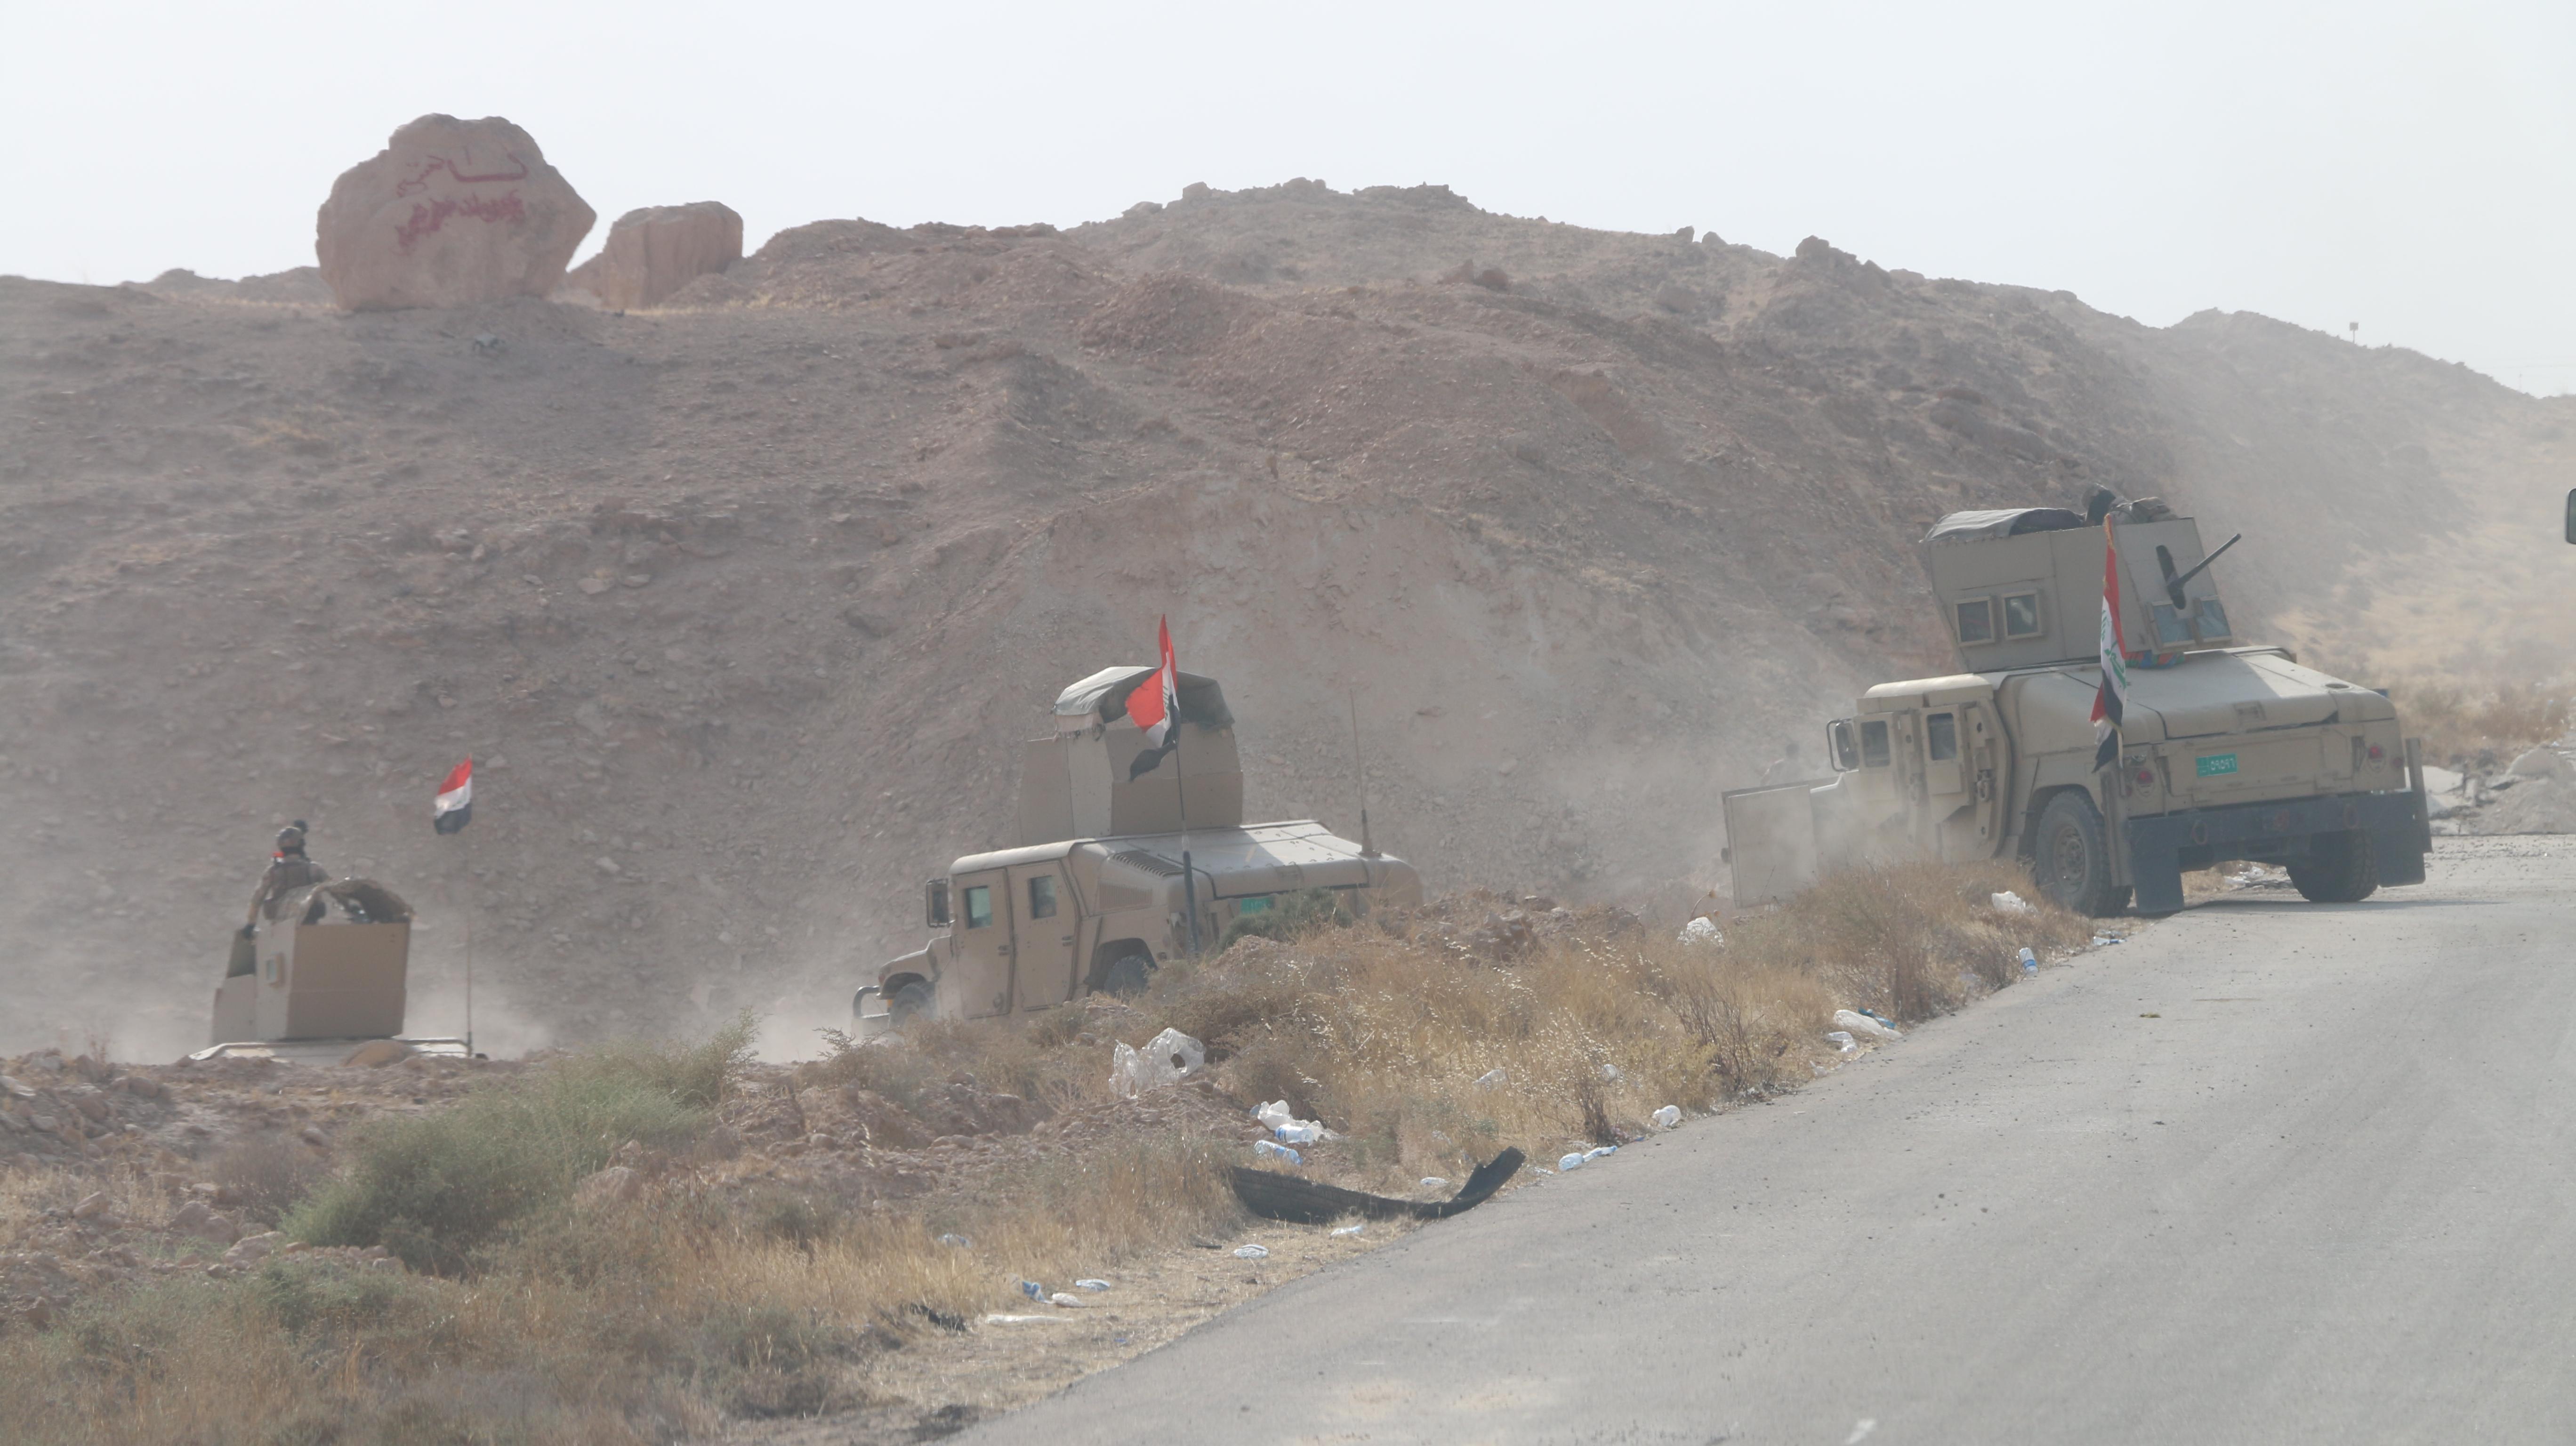 مصدر: عمليات تحرير راوه والقائم انطلقت من أربعة محاور احدها من نينوى